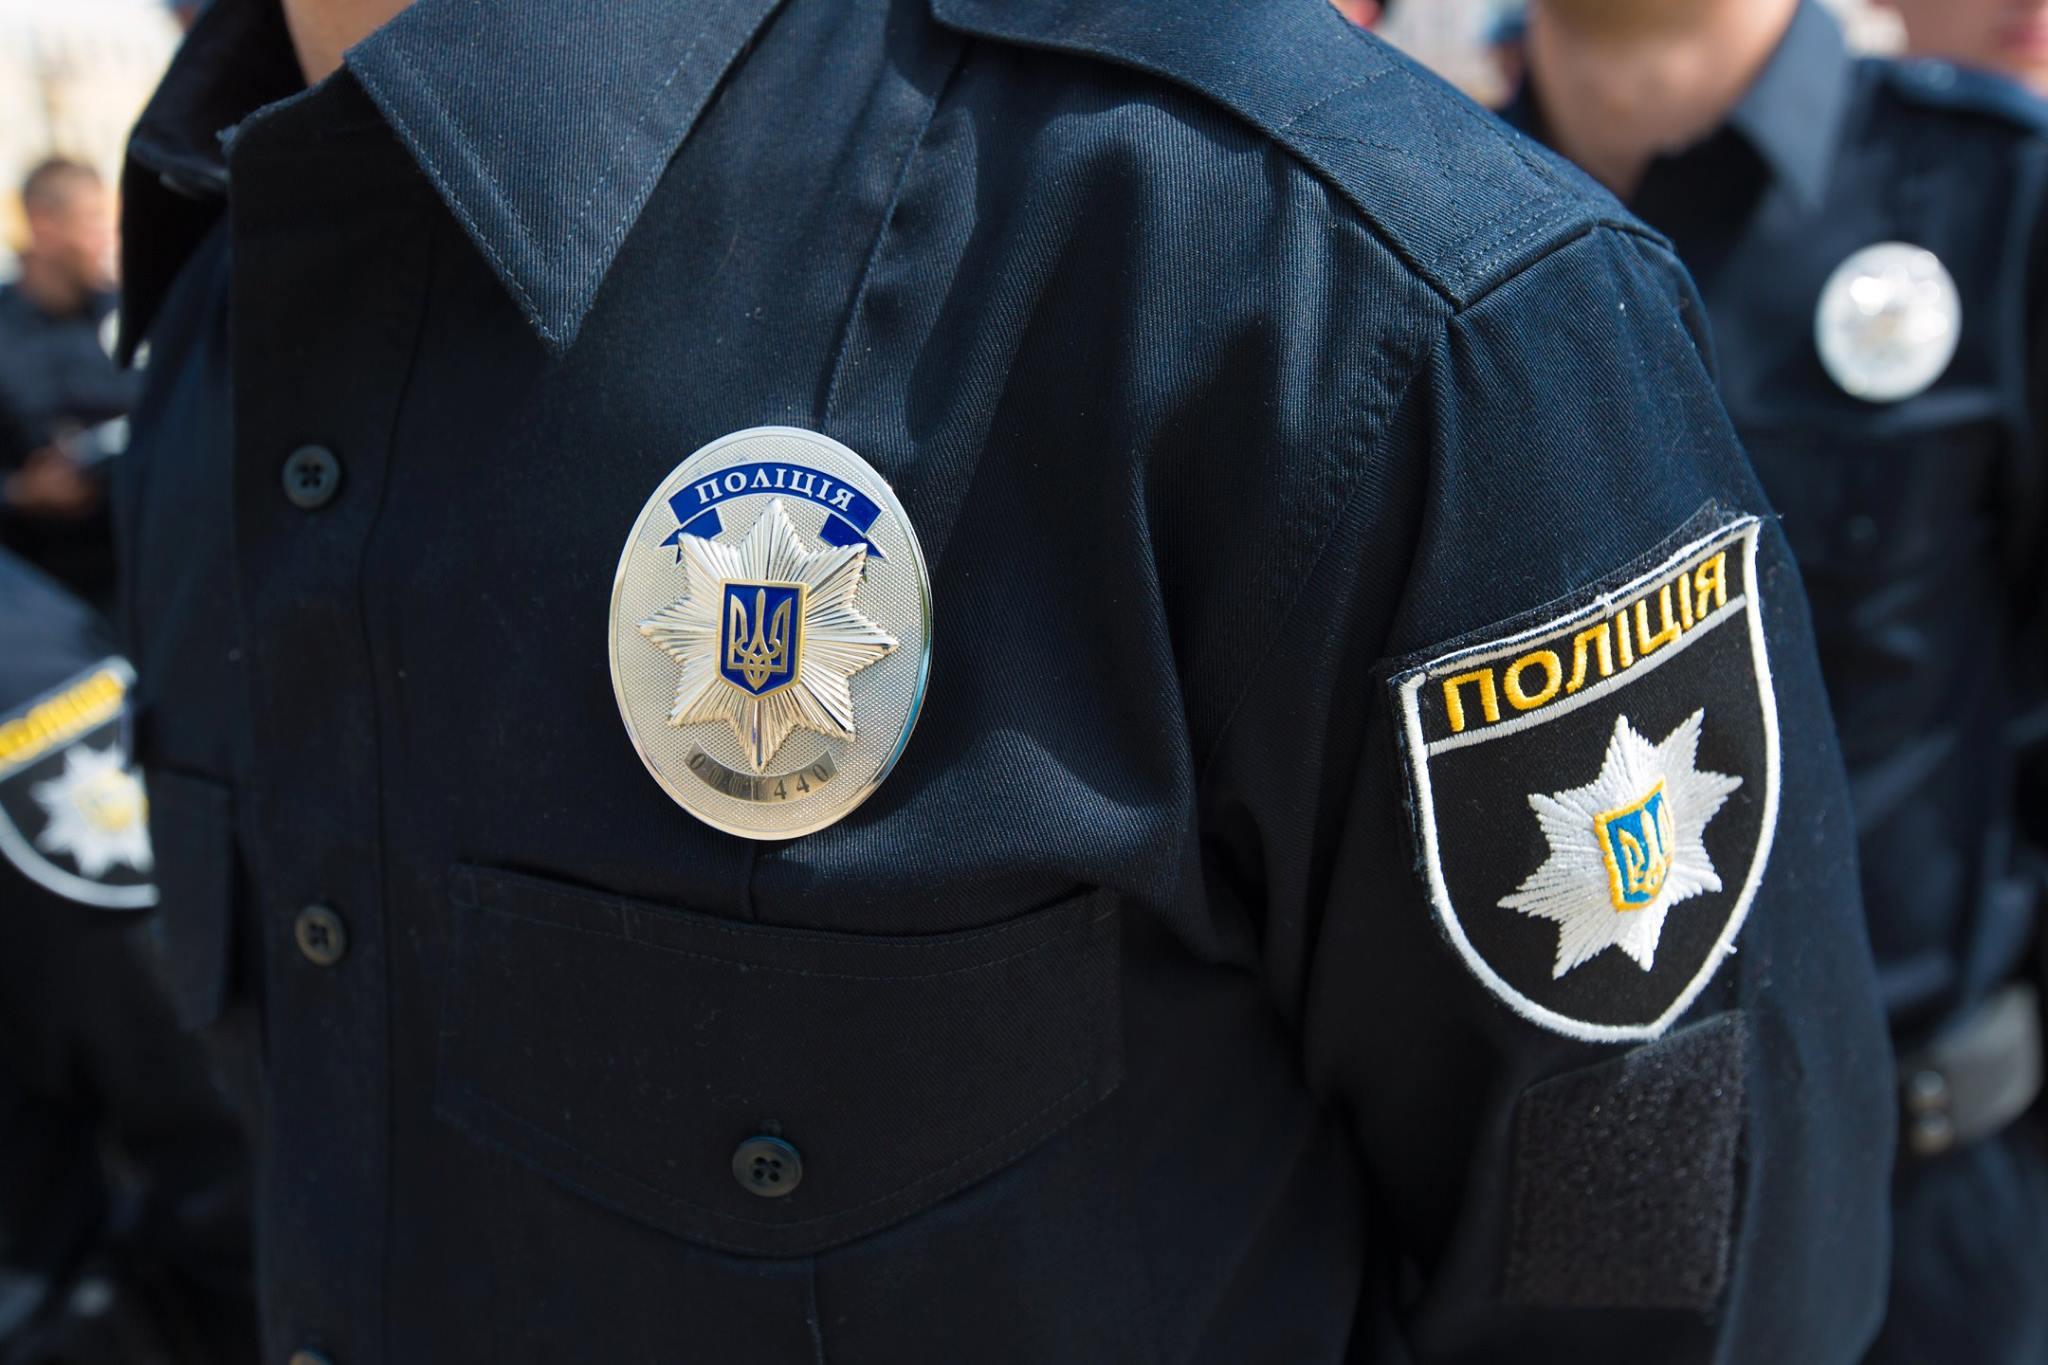 Взяли на горячем: стало известно о задержании копа-взяточника в Киеве